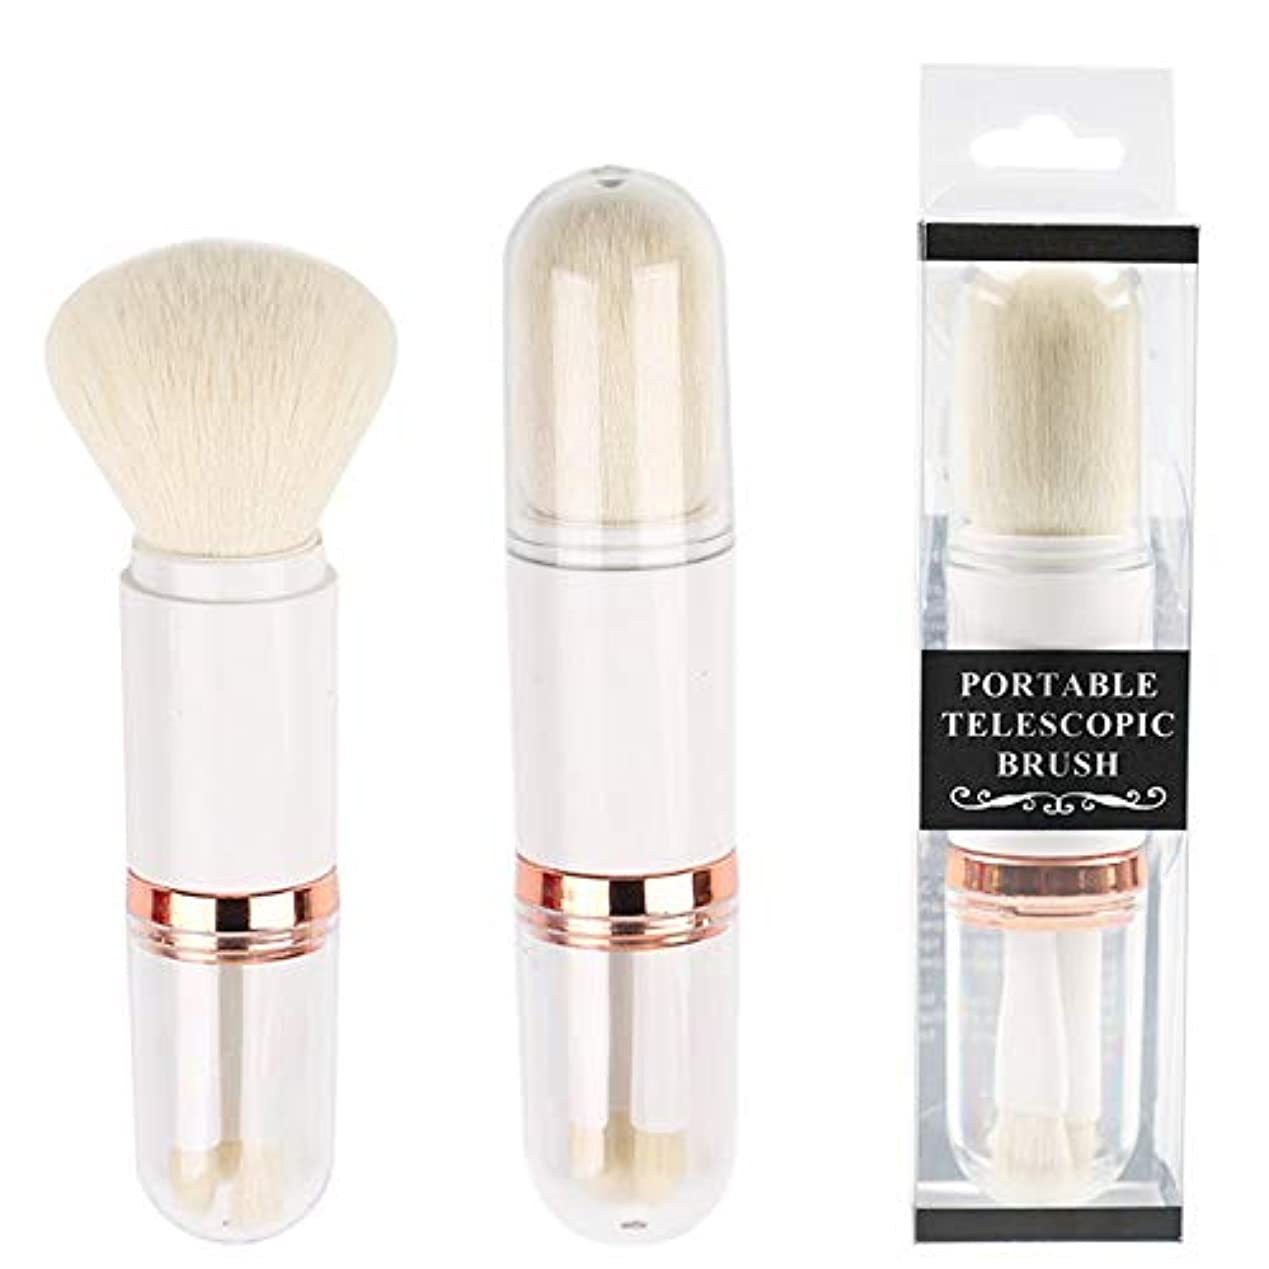 戦闘仮説ゆるいMakeup brushes 4で1化粧ブラシポータブル開閉式カバー三つ折りヘッドWantonパウダーブラシアイシャドウブラシ美容ツール suits (Color : White)